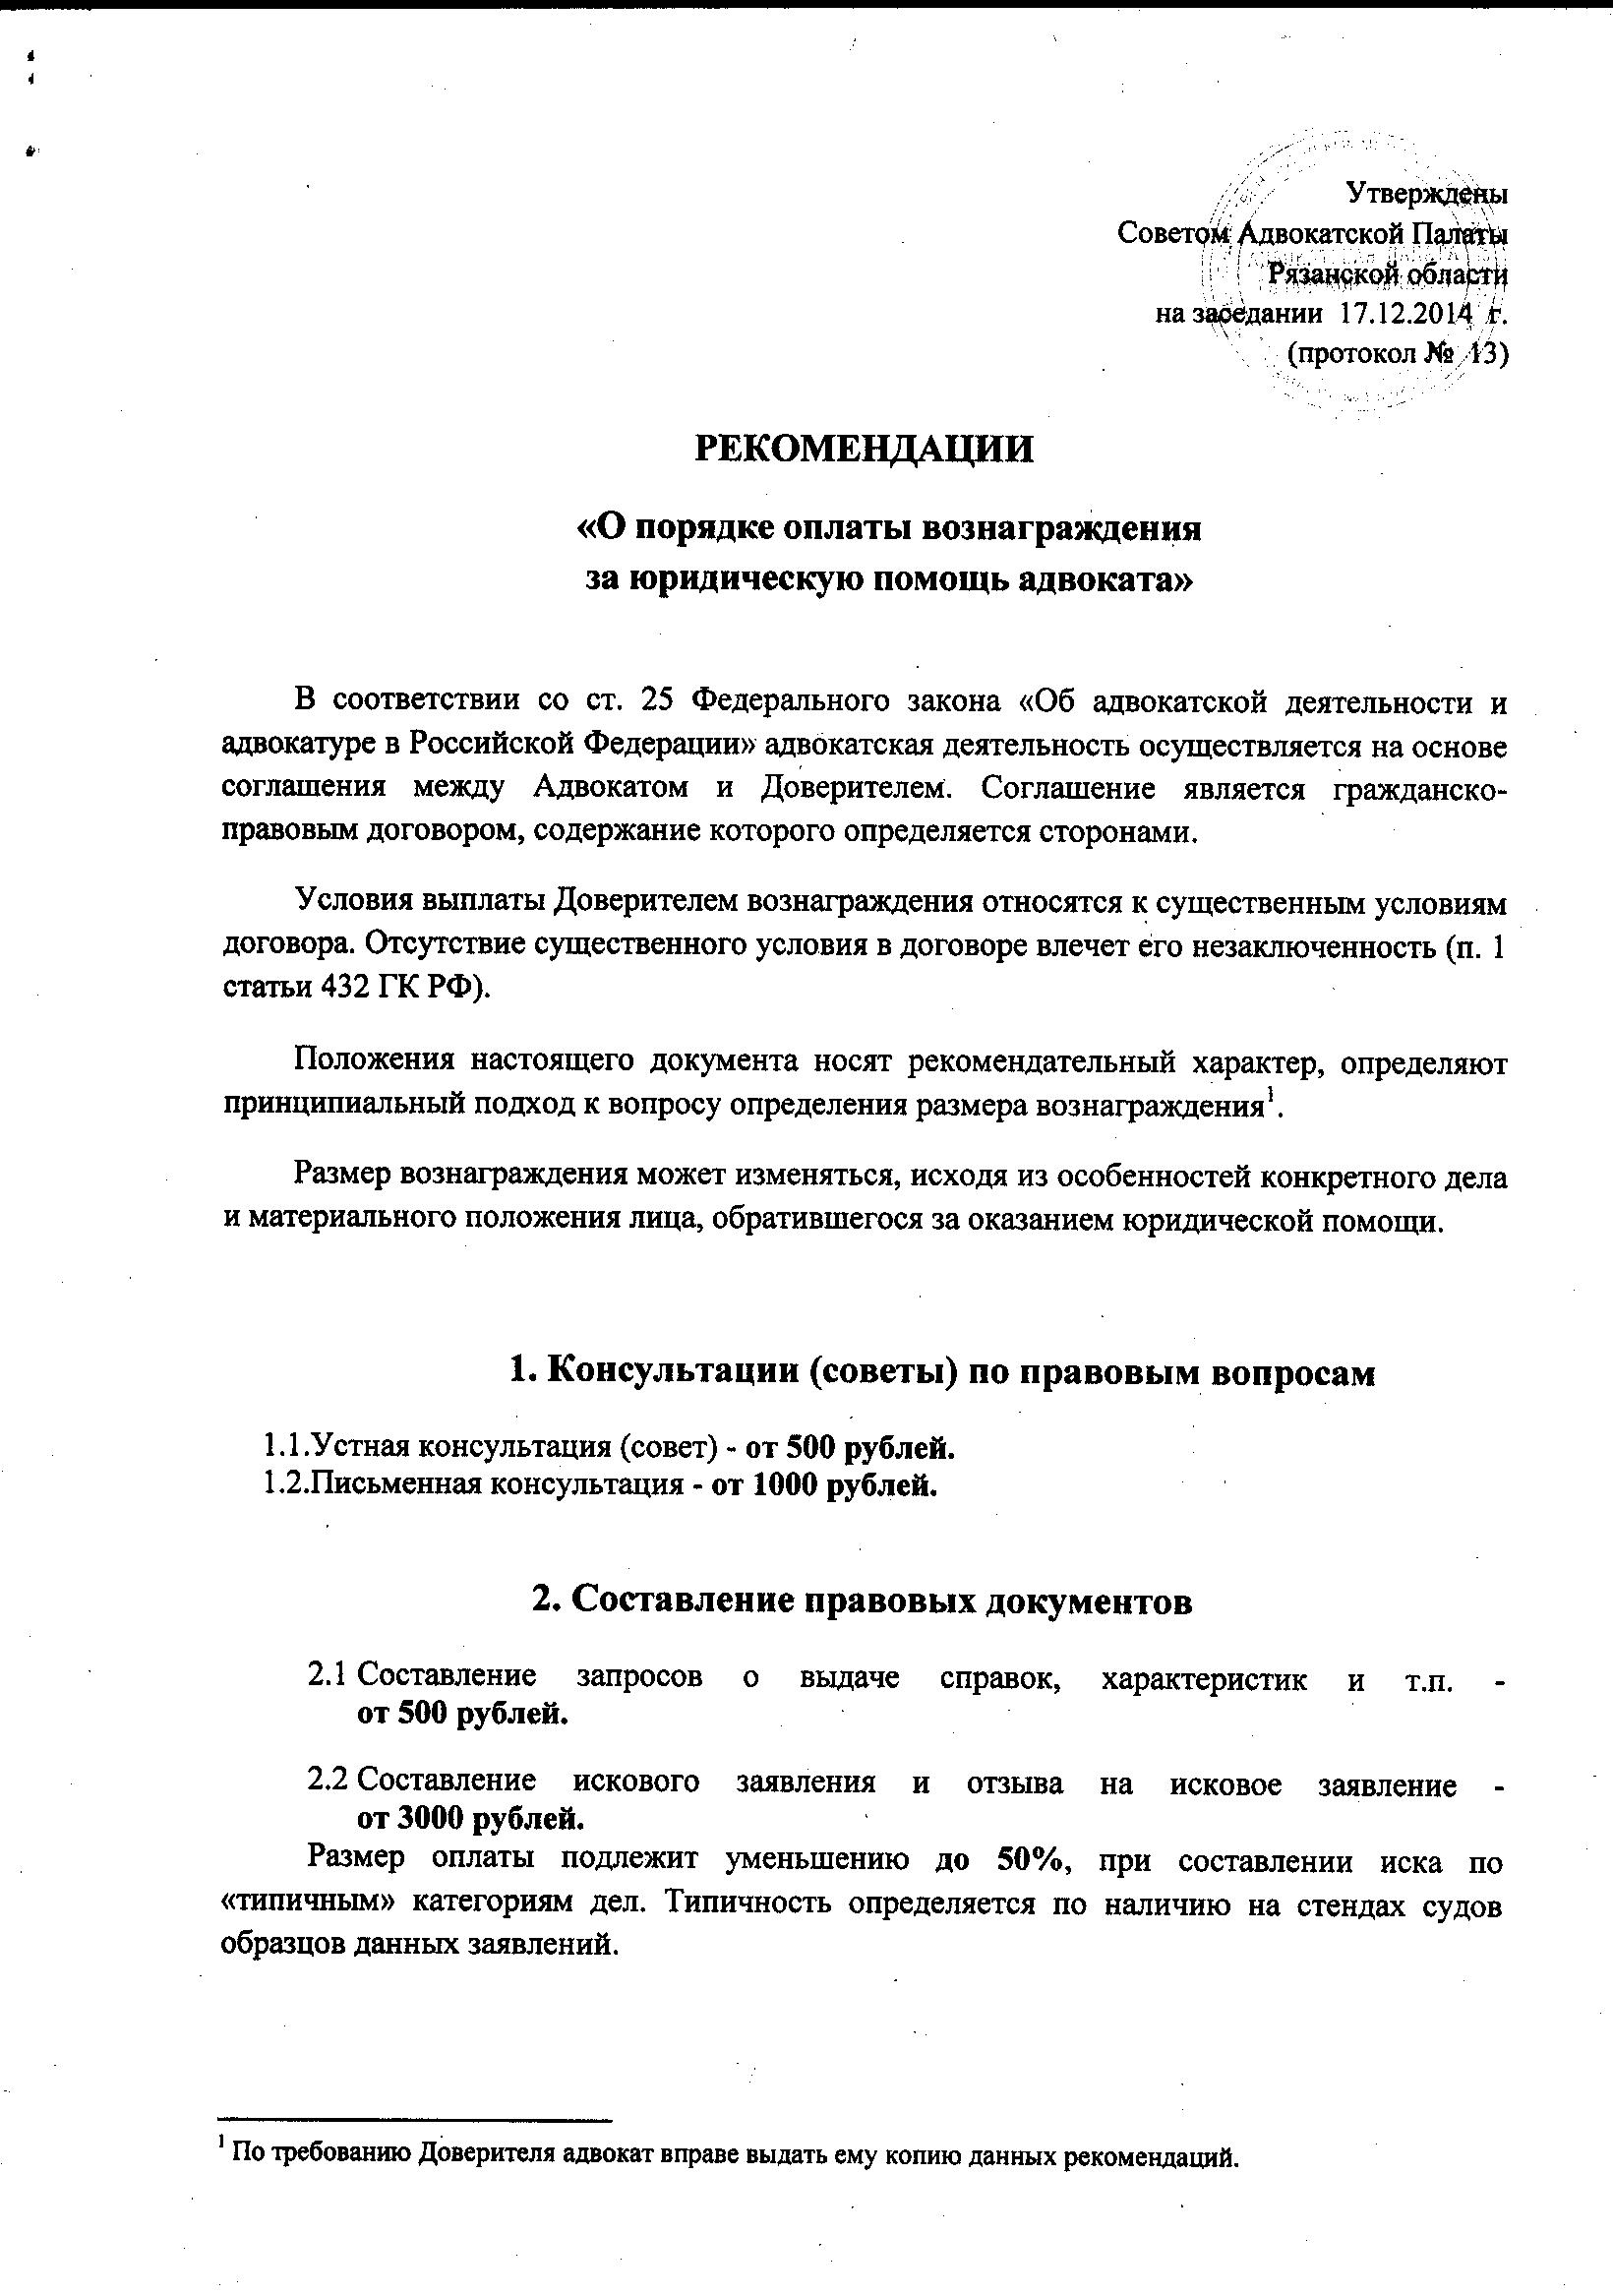 соглашение адвоката с юридическим лицом образец